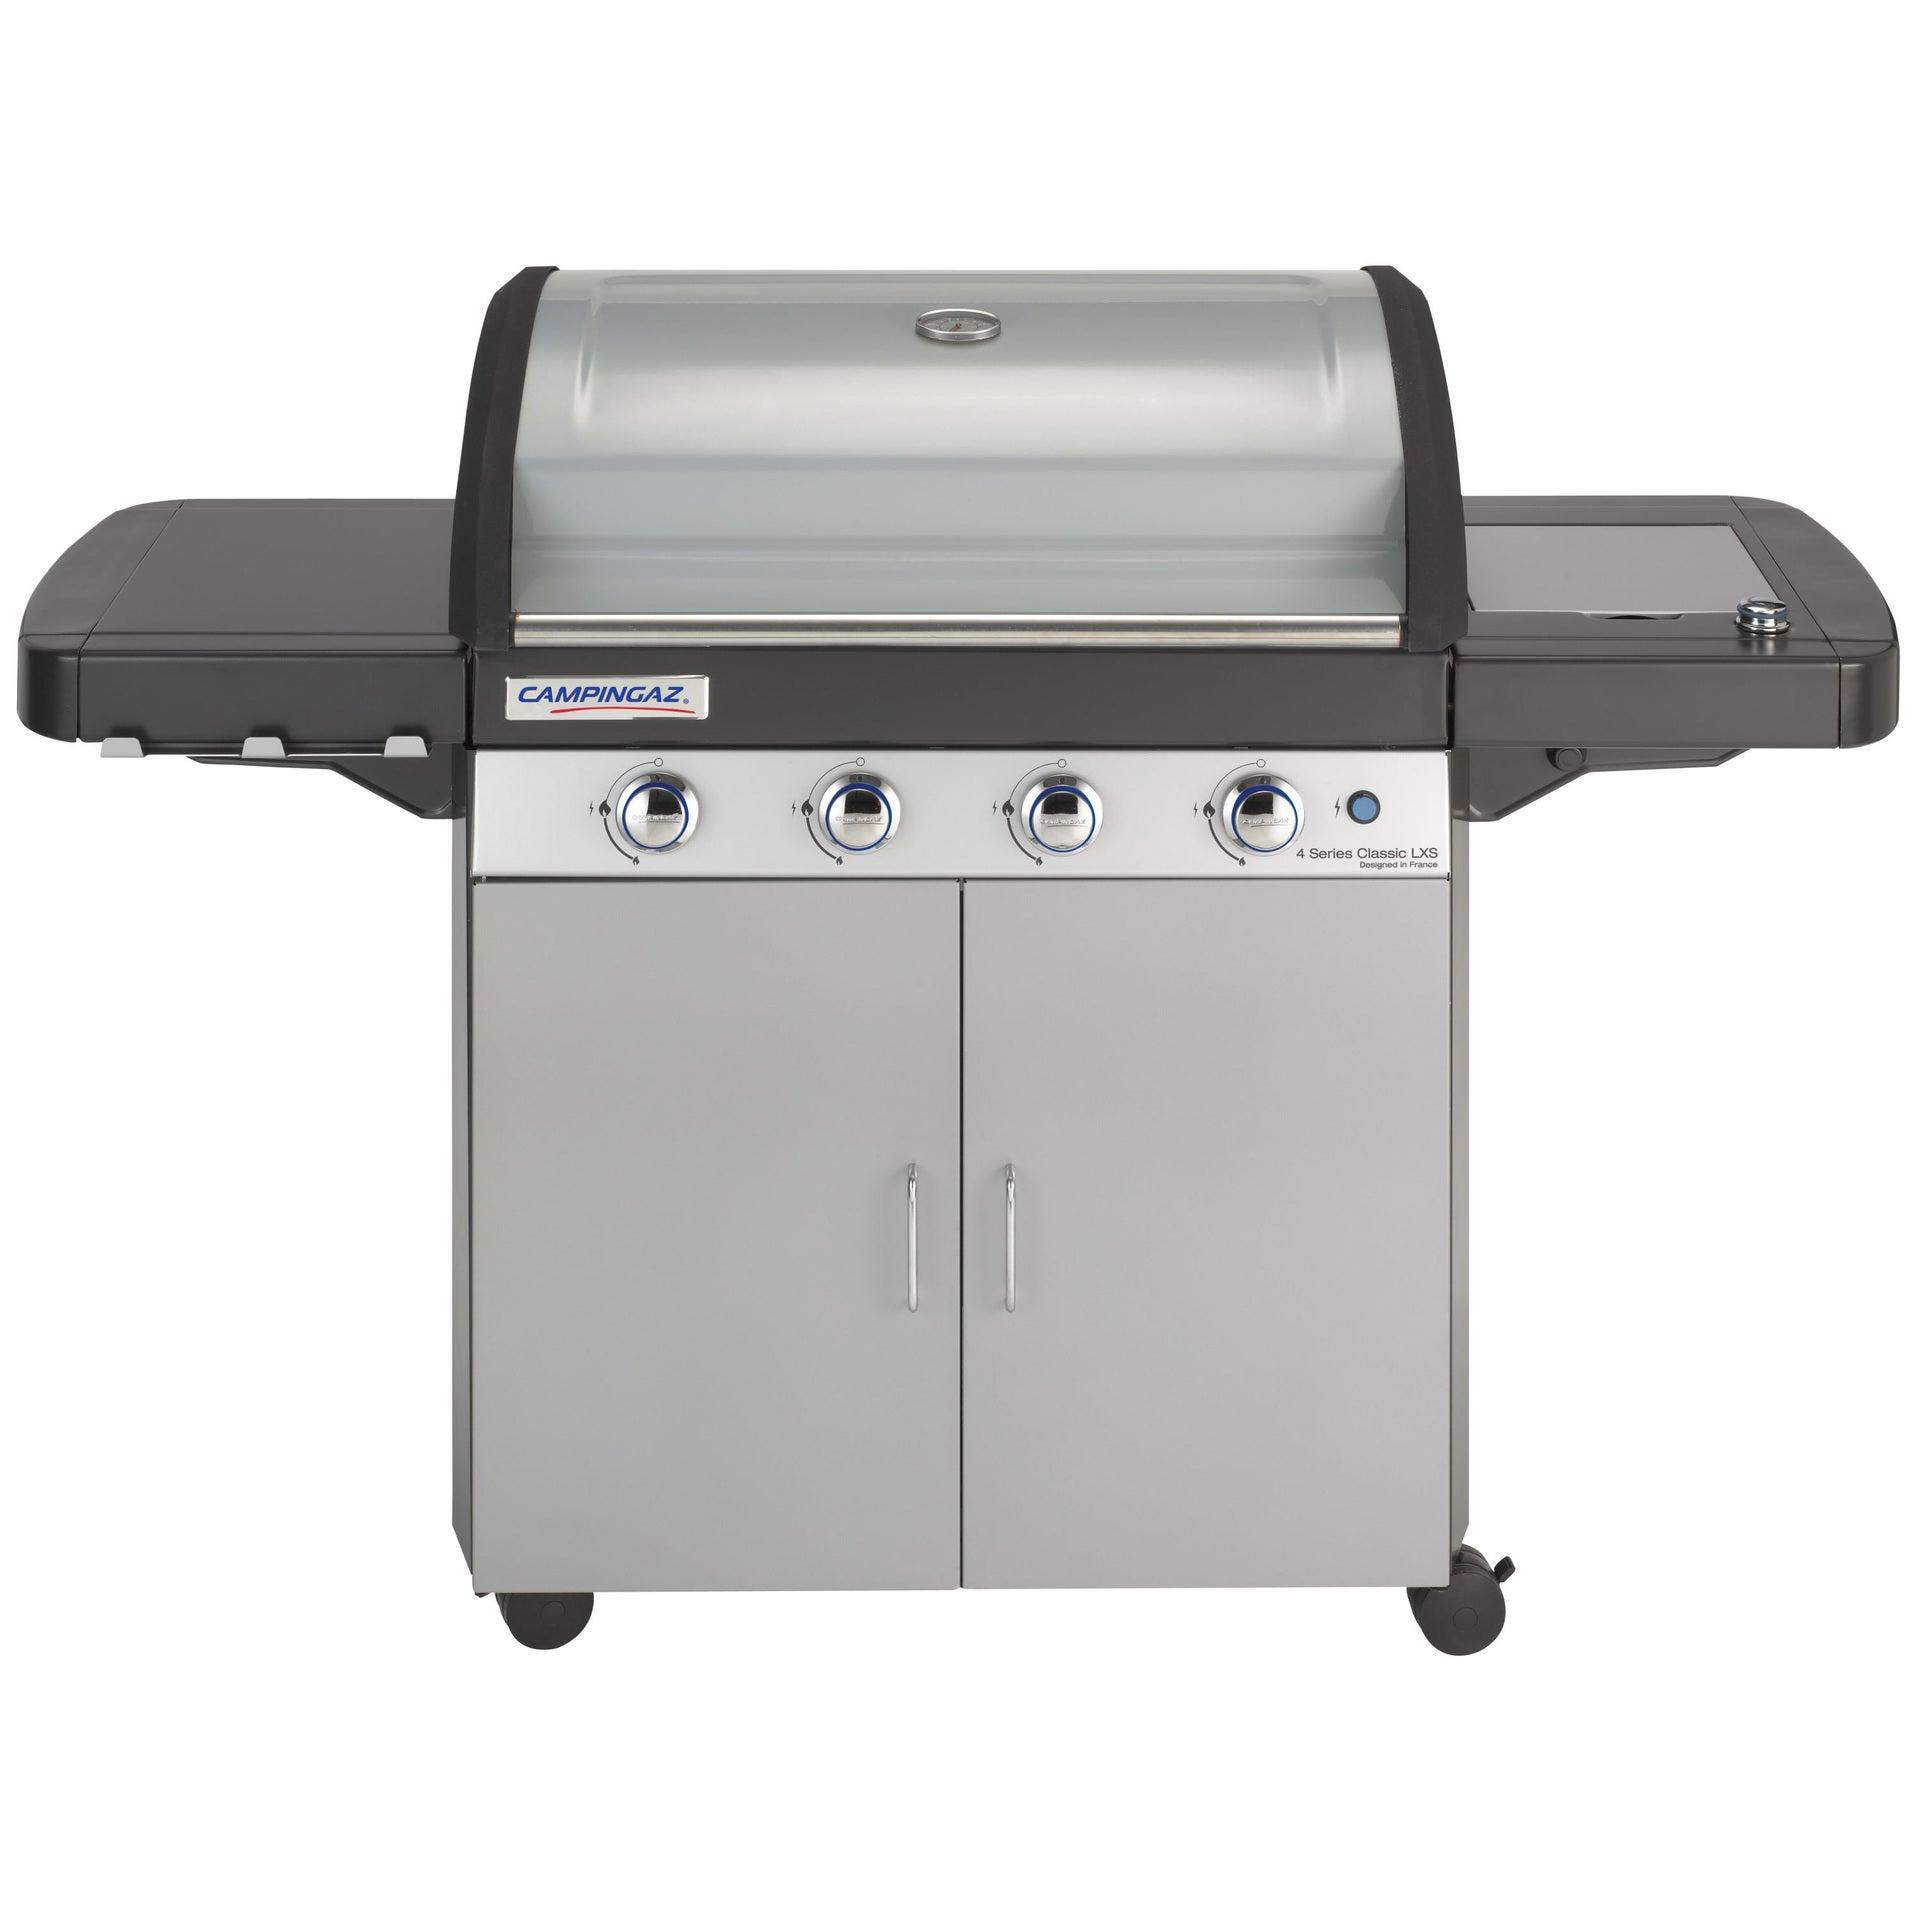 Offre Barbecue 4 Séries Classic Lxd Plus Campingaz chez